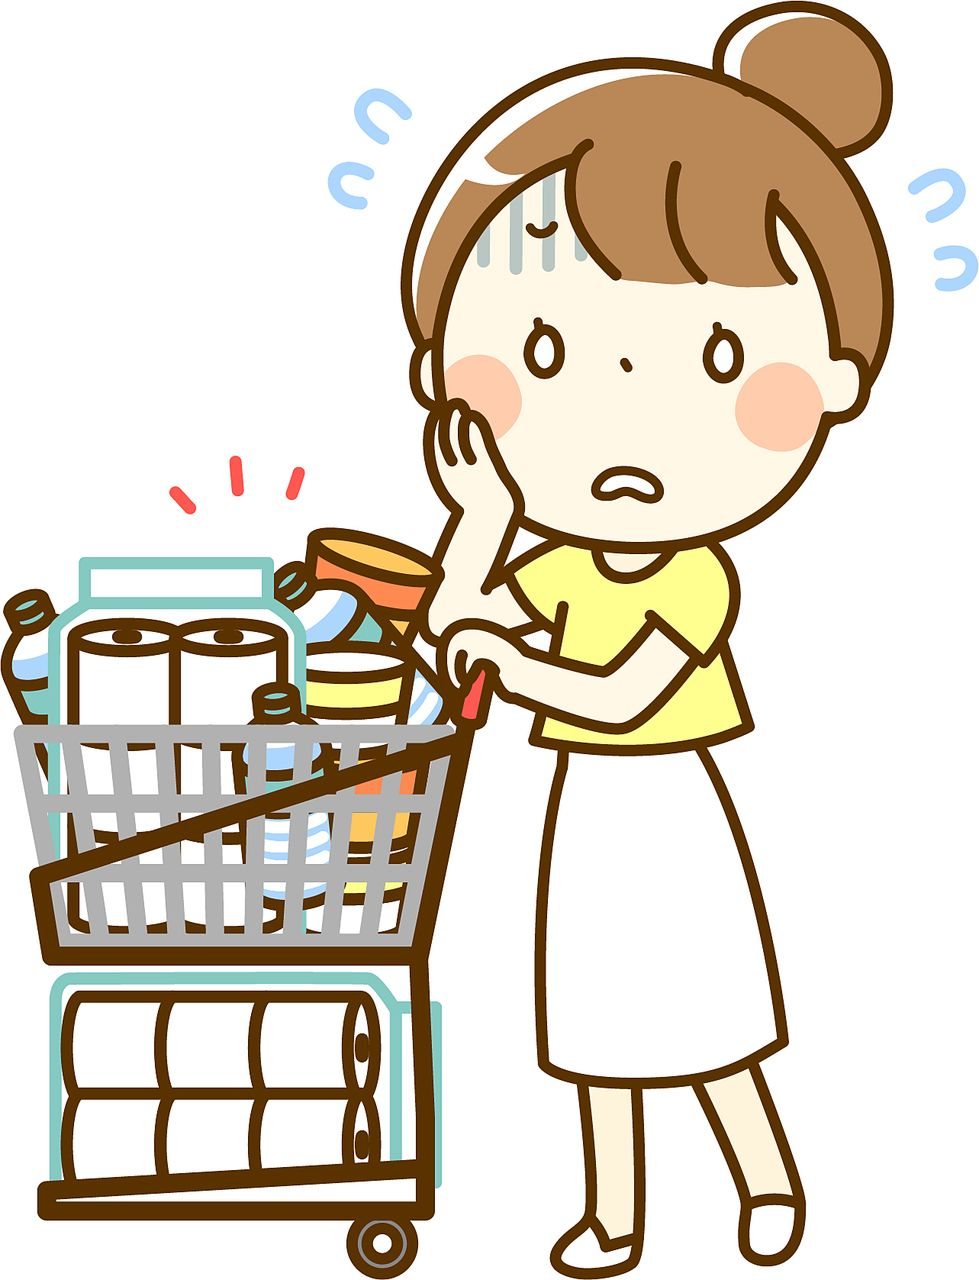 お買い物をしている画像です